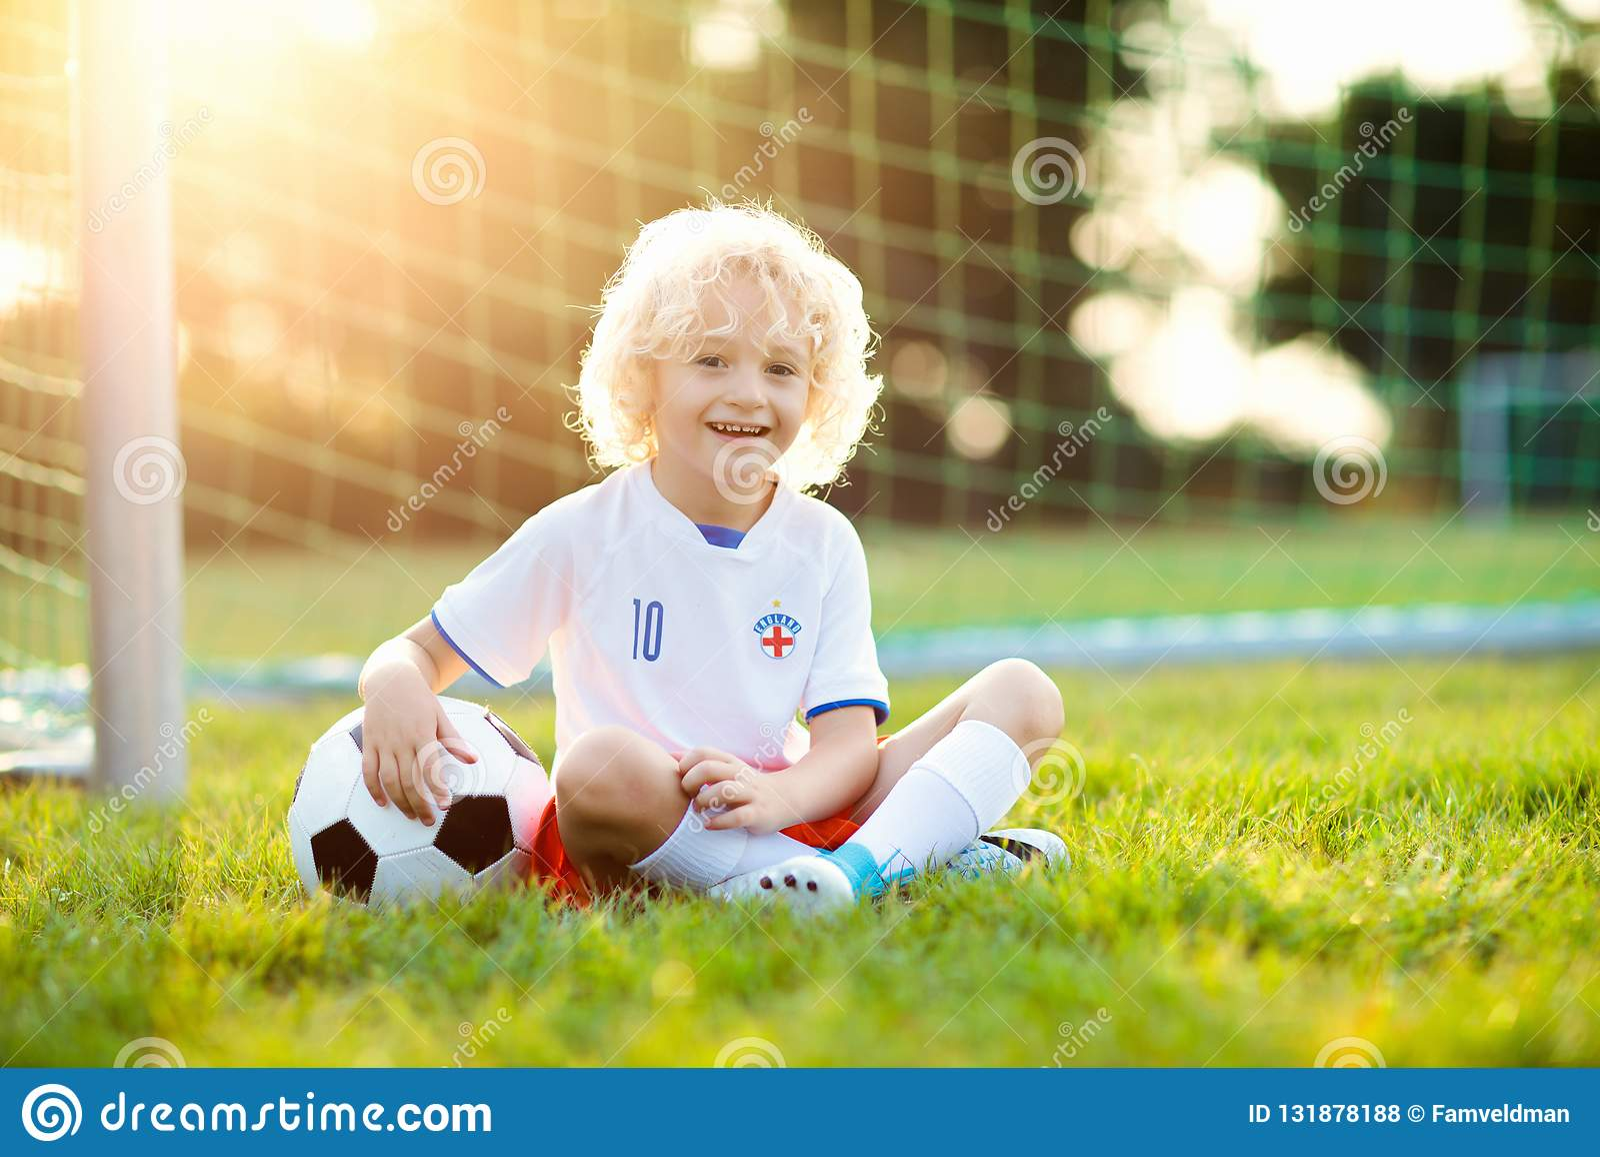 Как тренируют детей футболу в англии